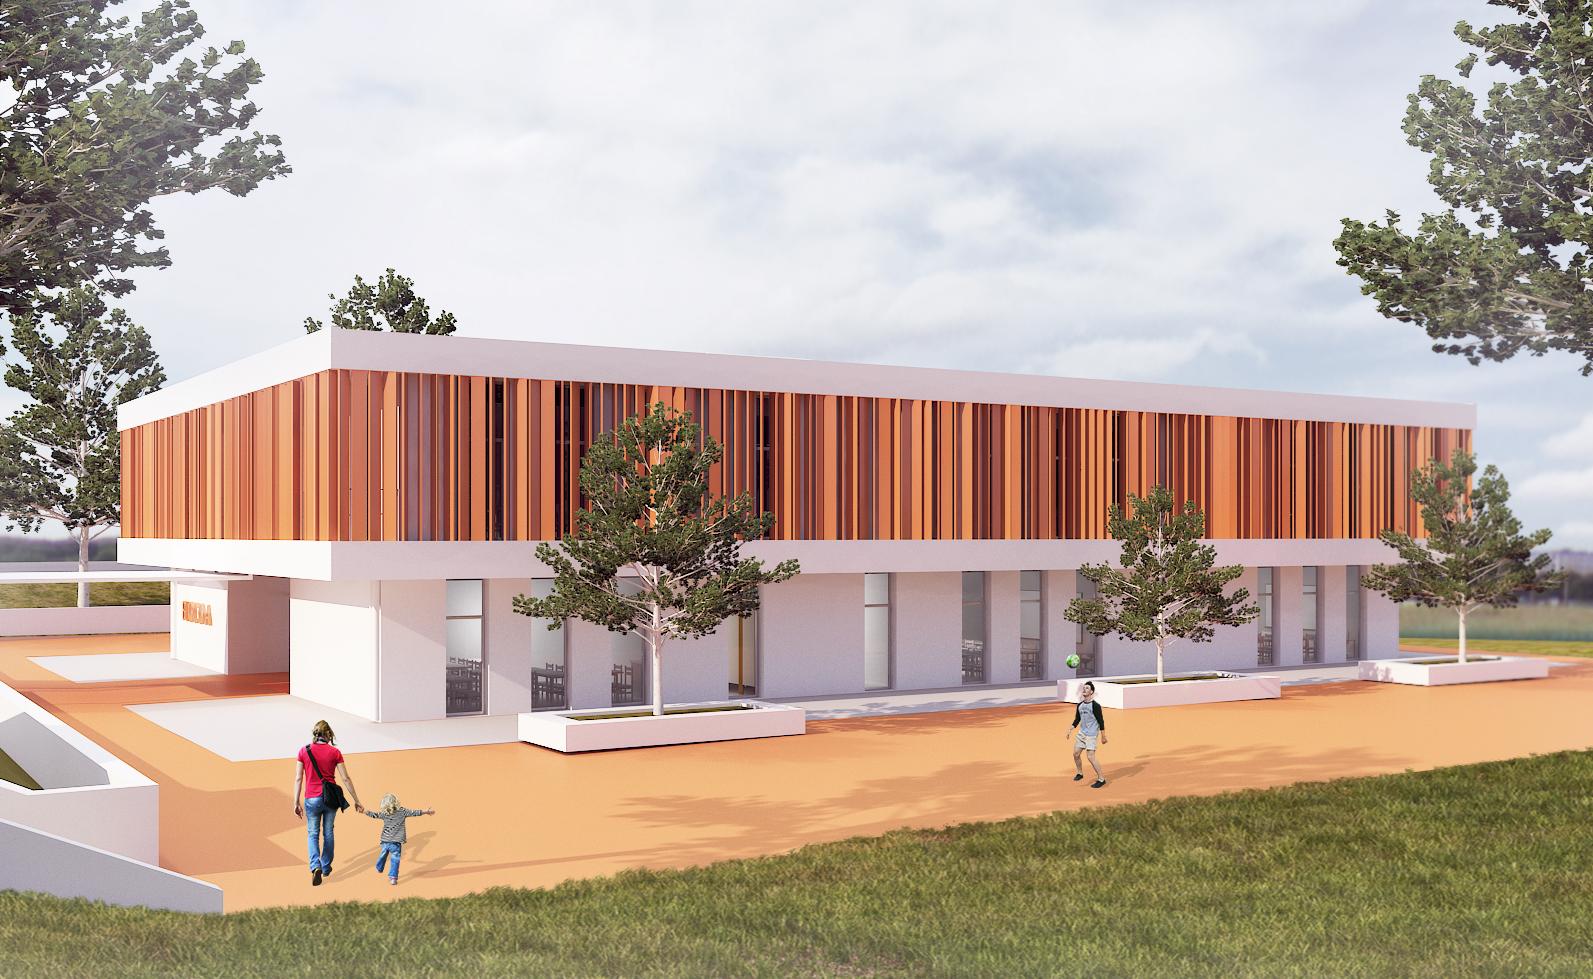 Requalificação e modernização da Escola Básica do Campo de Besteiros na Rua da Escola – Campo de Besteiros - Tondela. | BLOCO A & BLOCO C